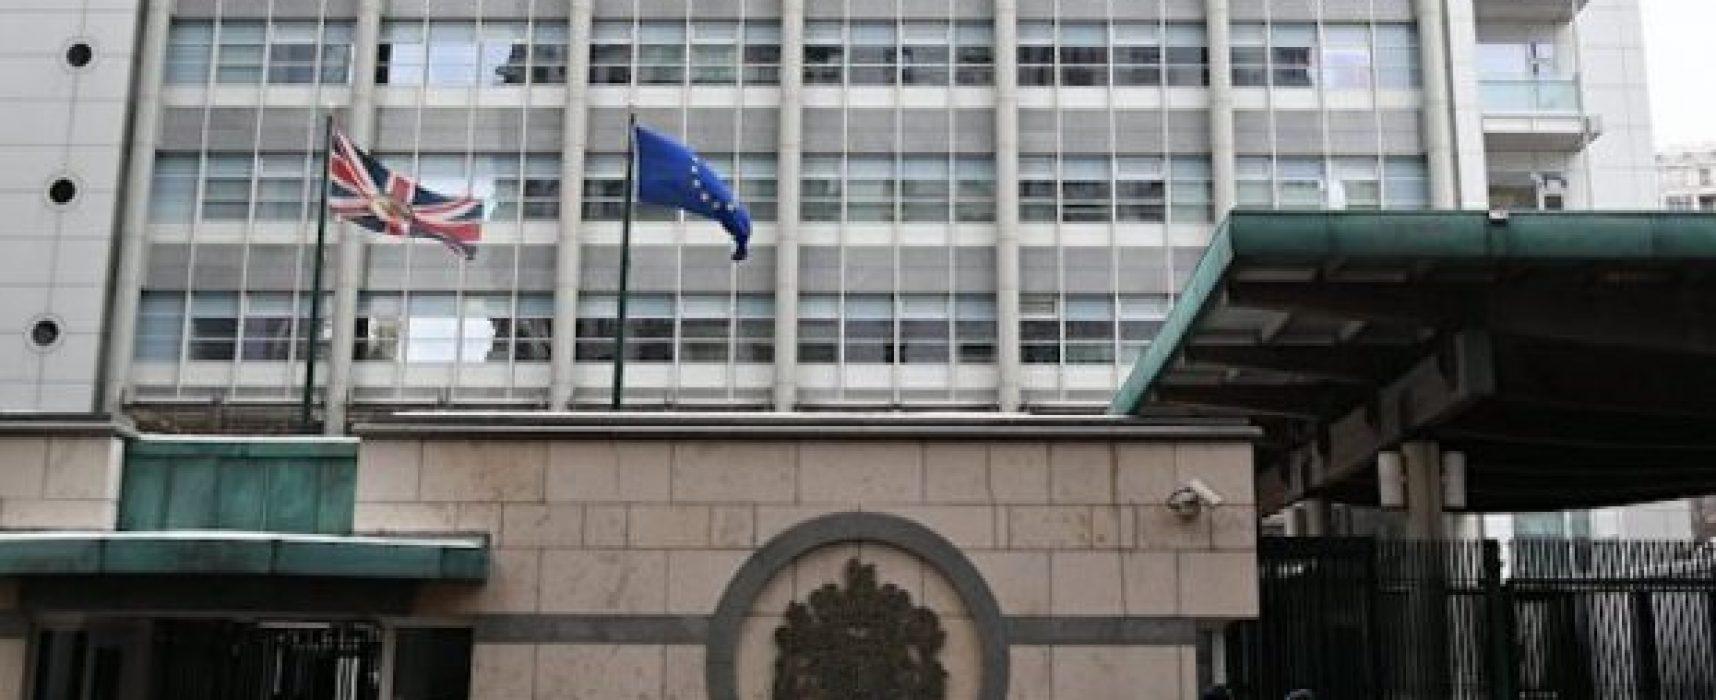 Британия опровергла заявление посла РФ о восстановлении численности дипломатов